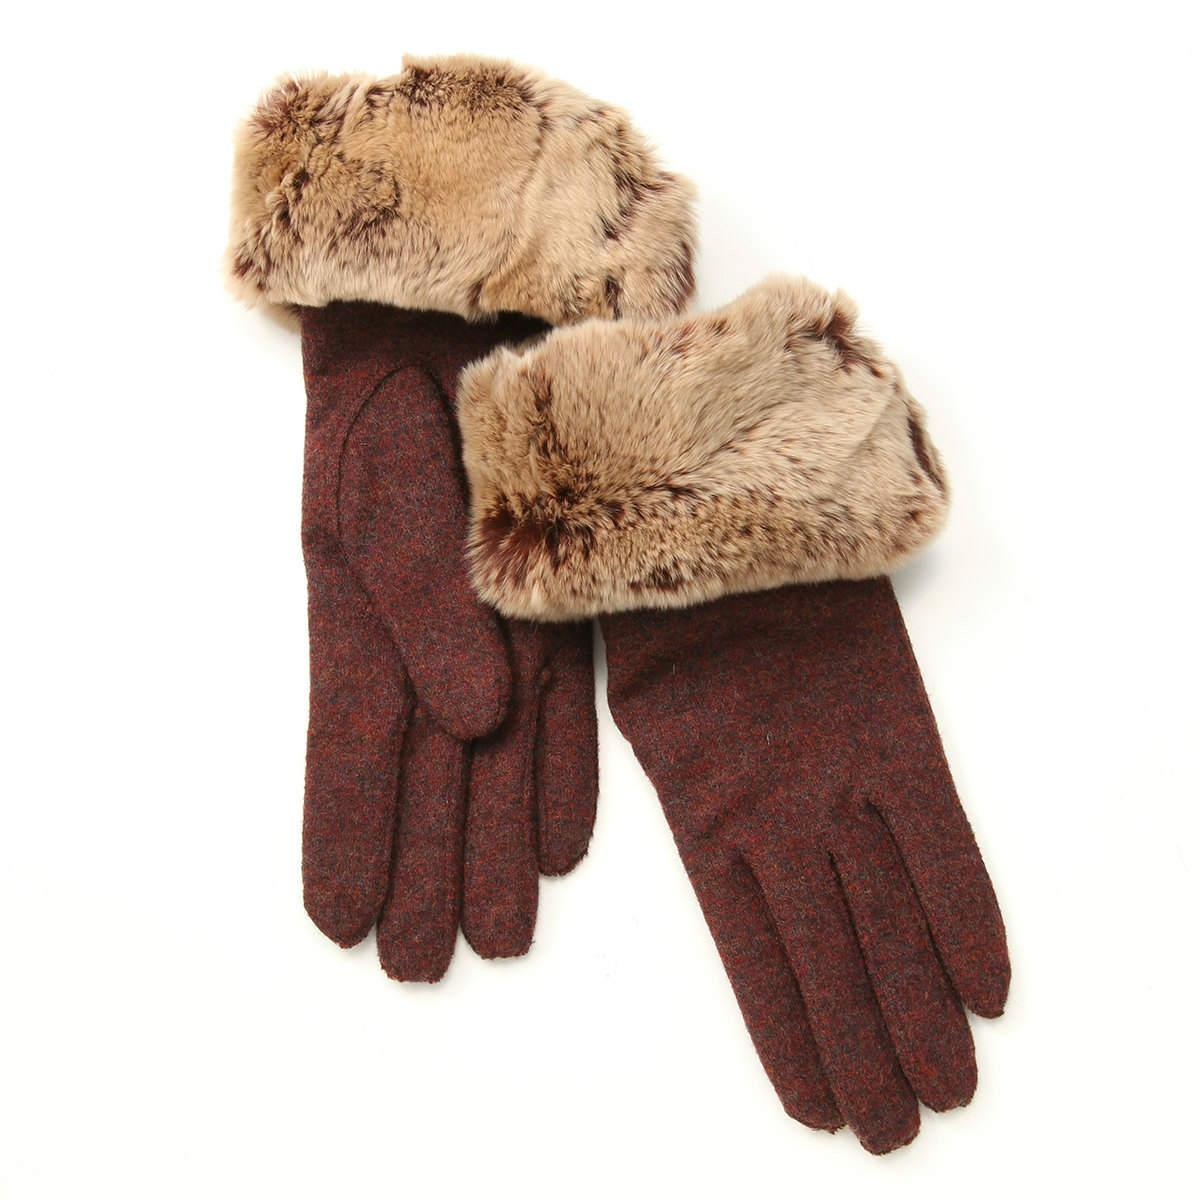 アルタクラッセレディース セミロング丈 ボリュームたっぷり レッキスファー付 ジャージ手袋 Mサイズ 全3色